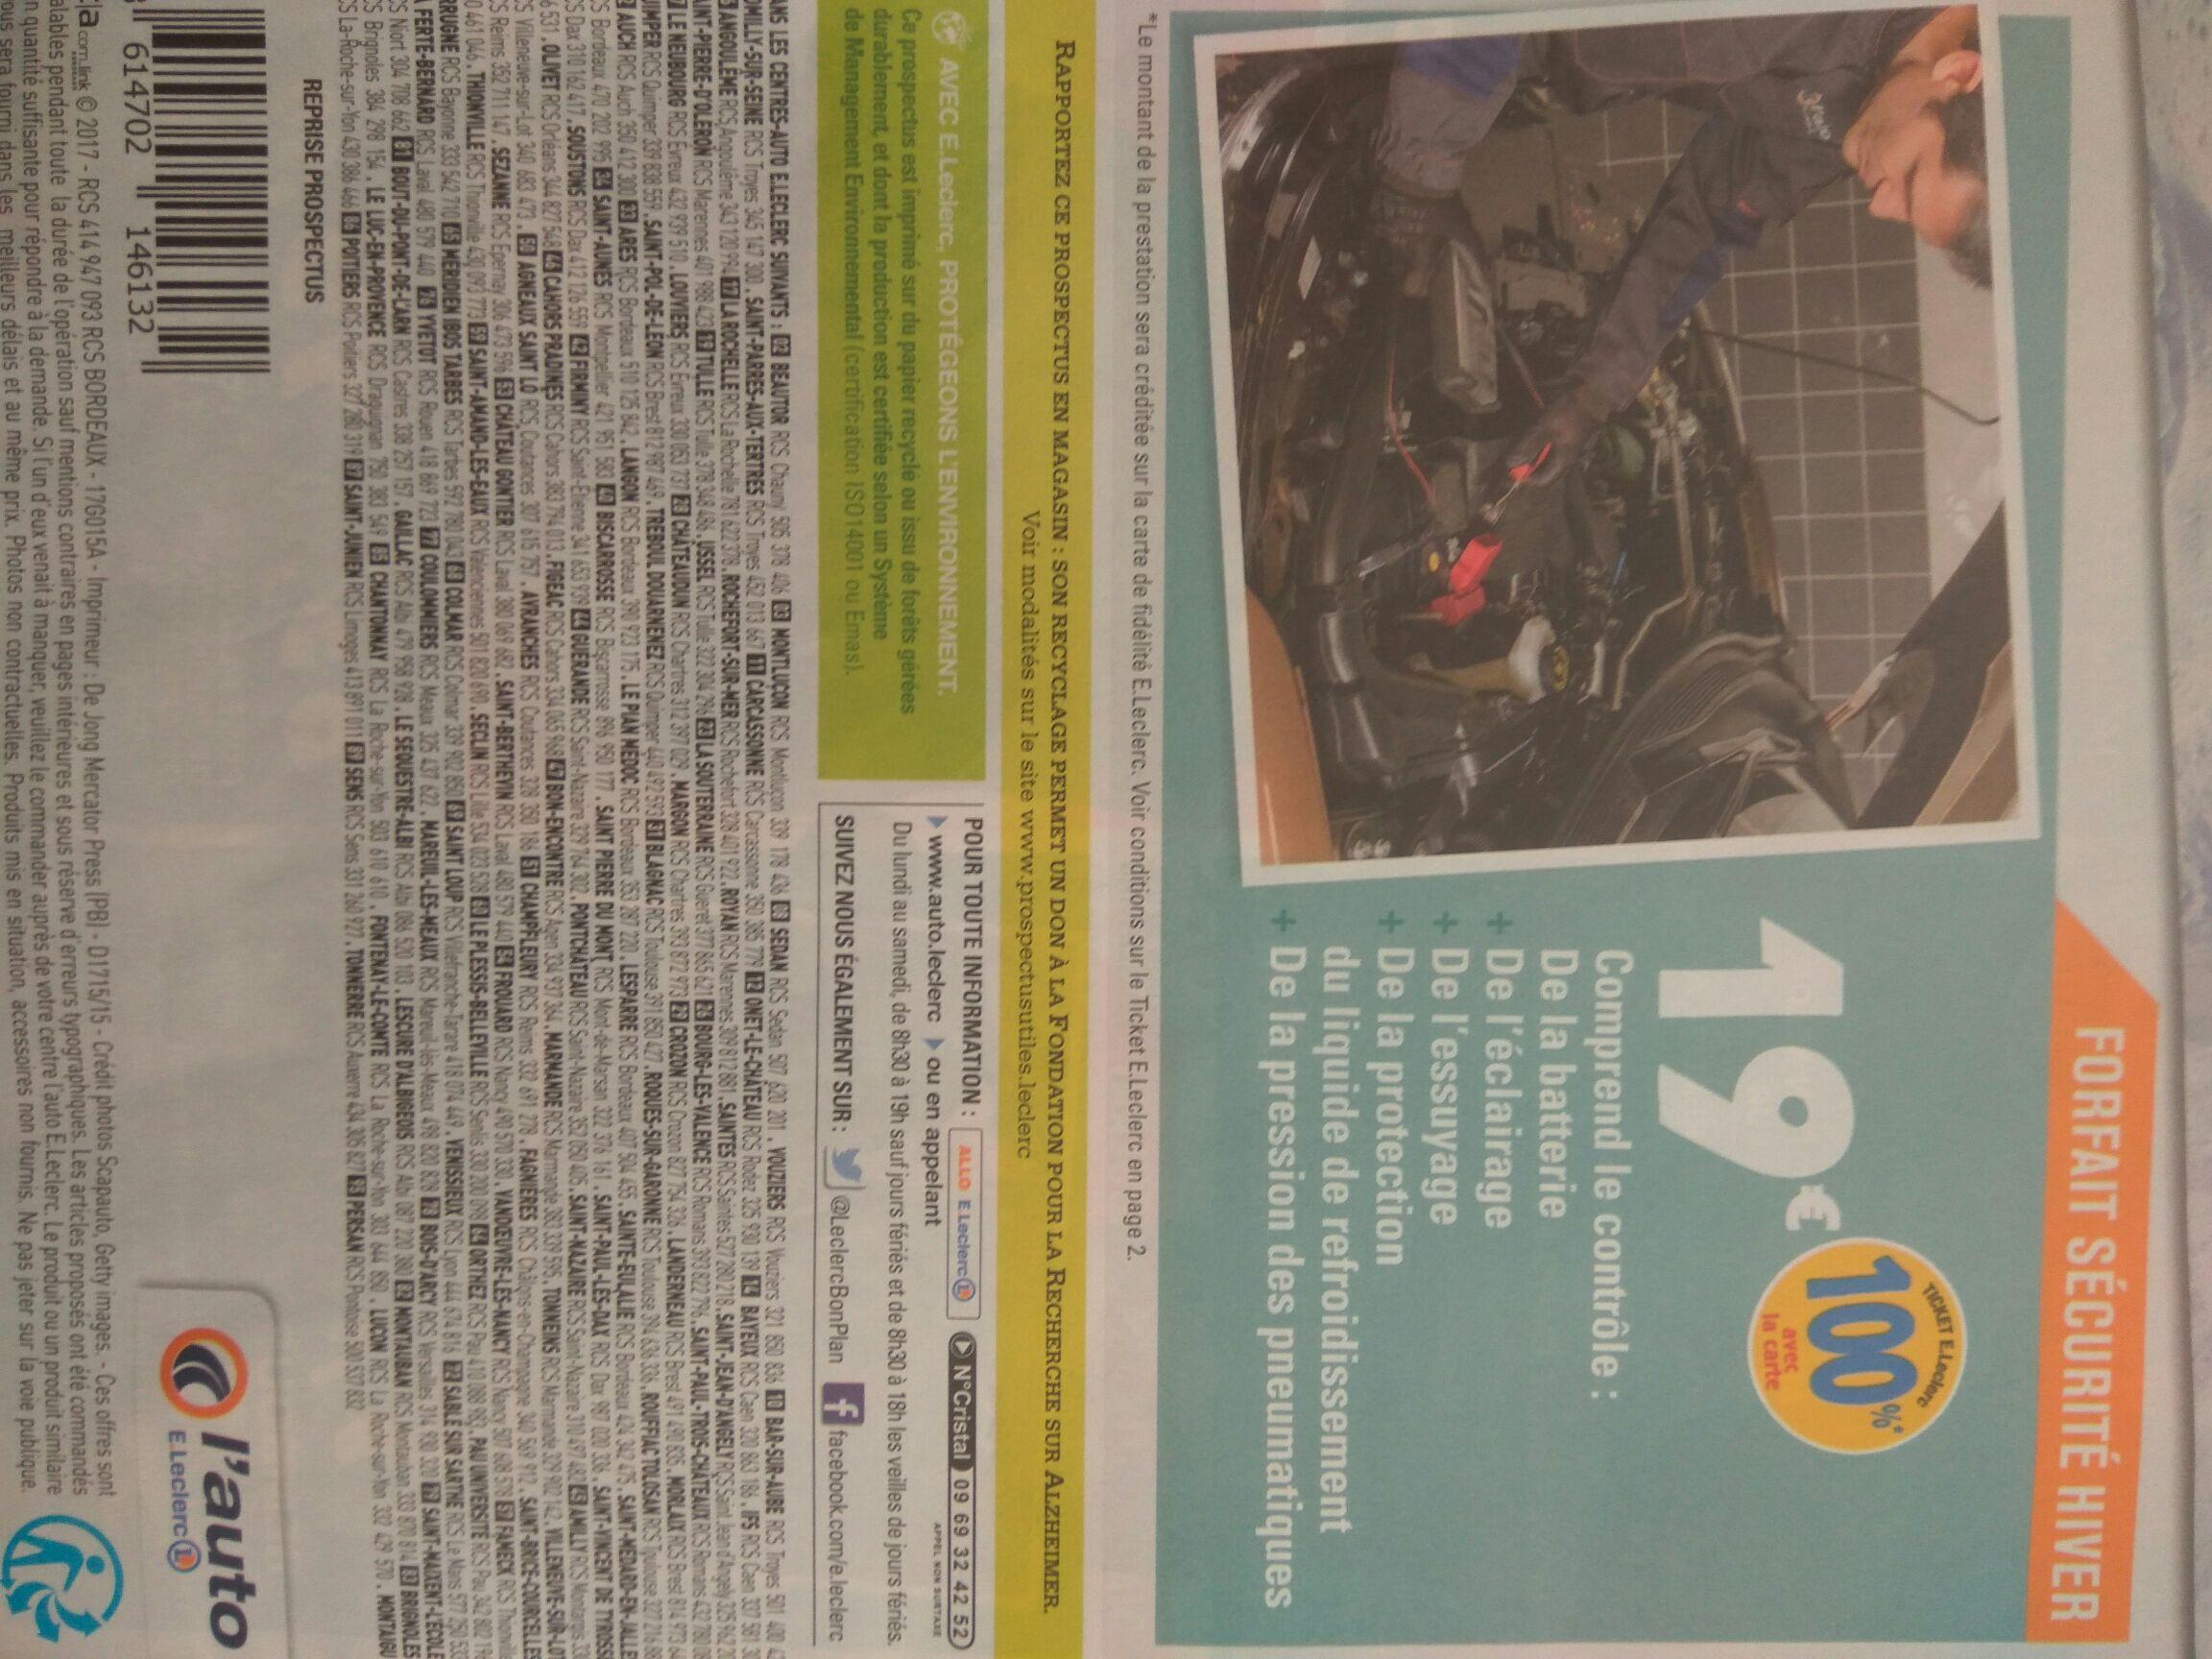 Contrôle sécurité auto gratuit (via 19€ sur la carte de fidélité)